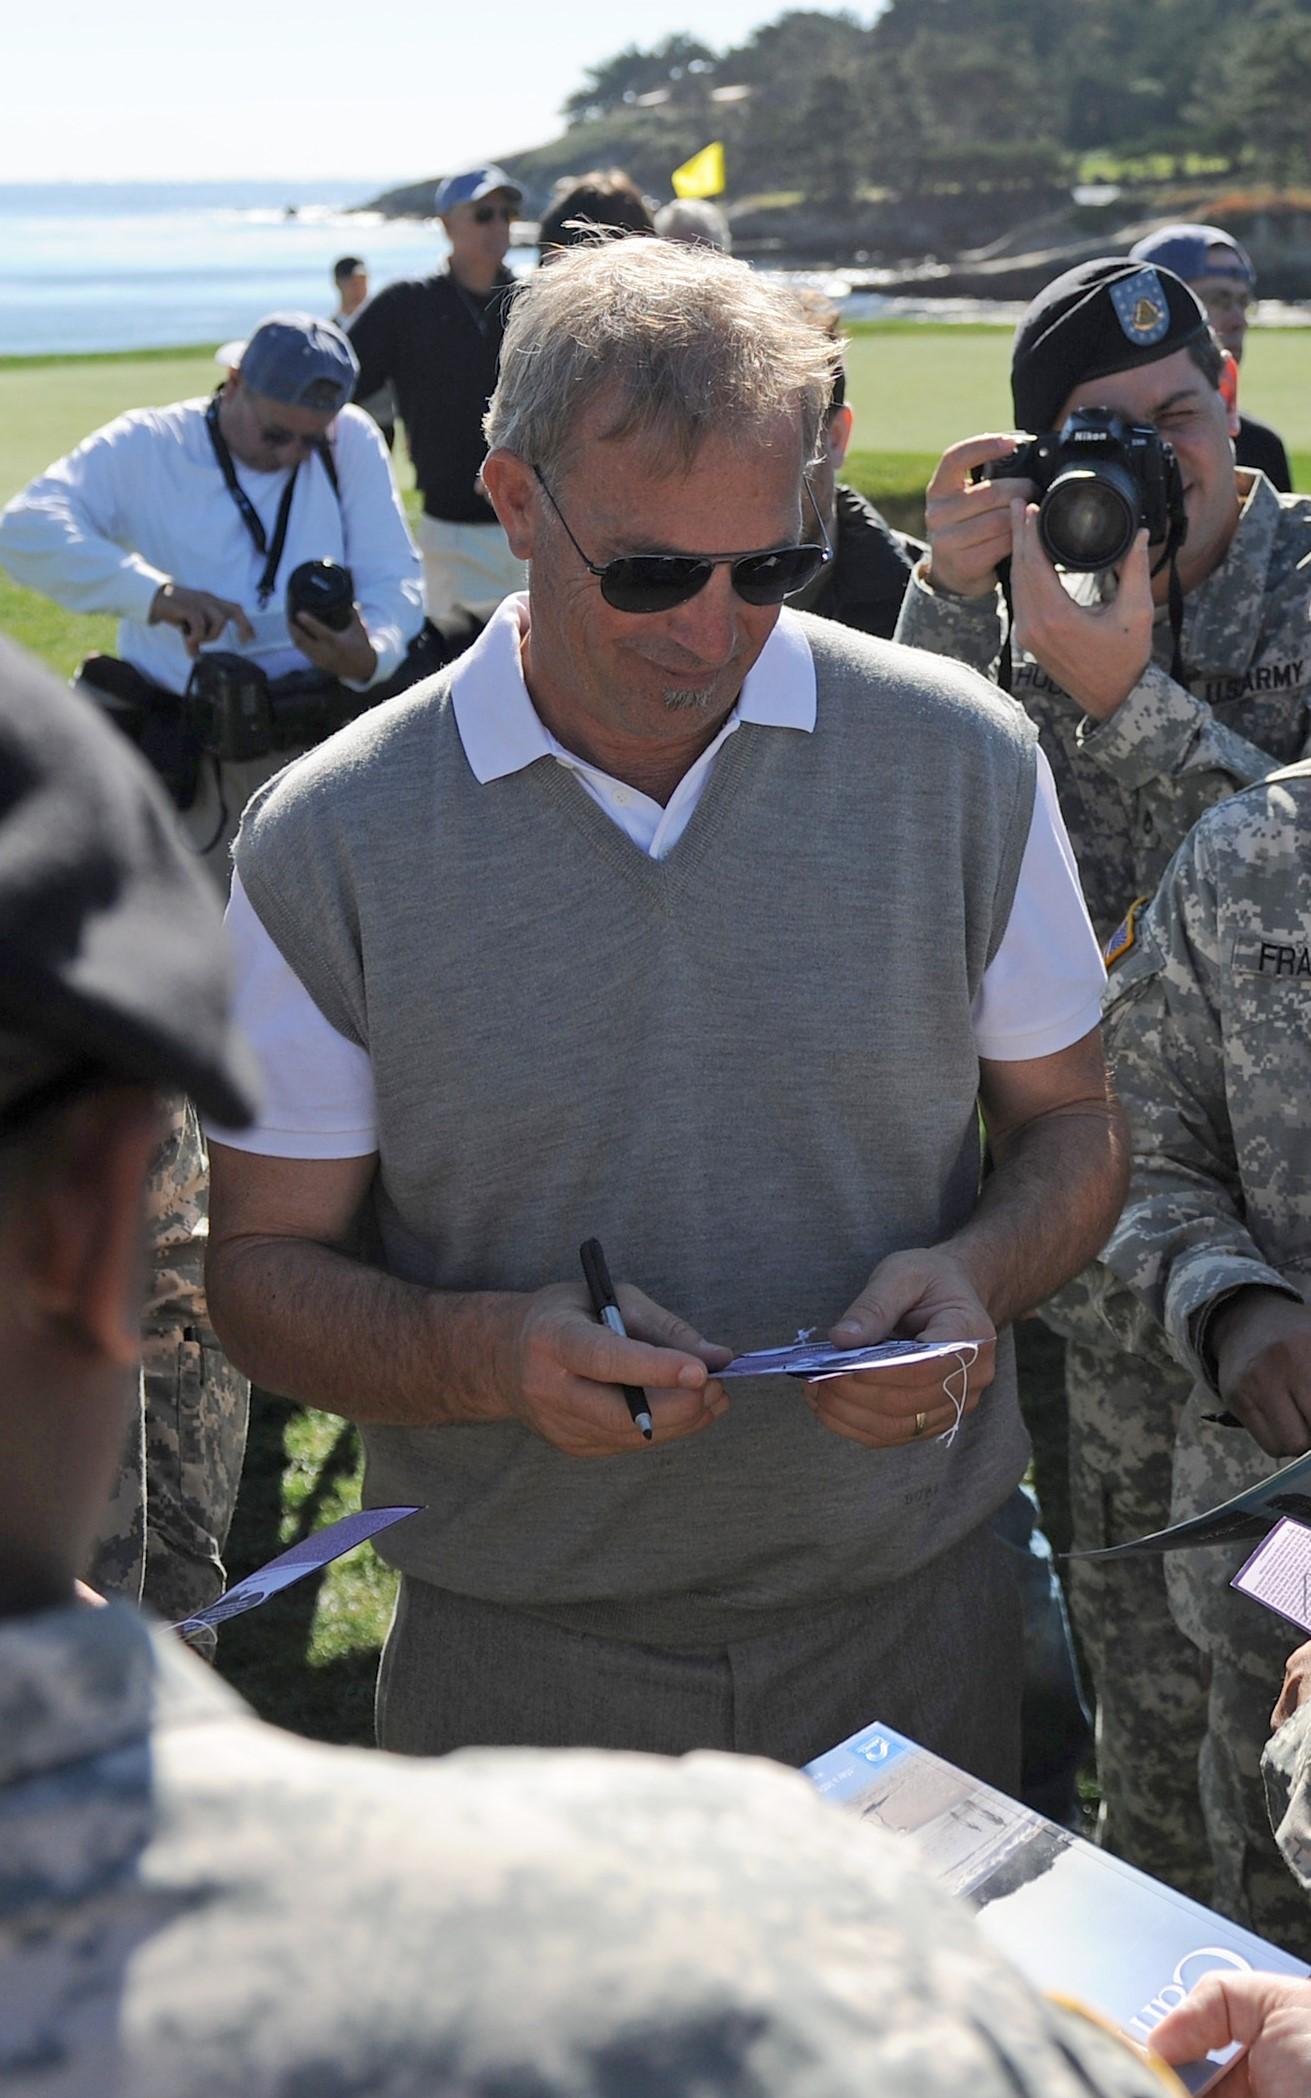 Kevin Costner autographs